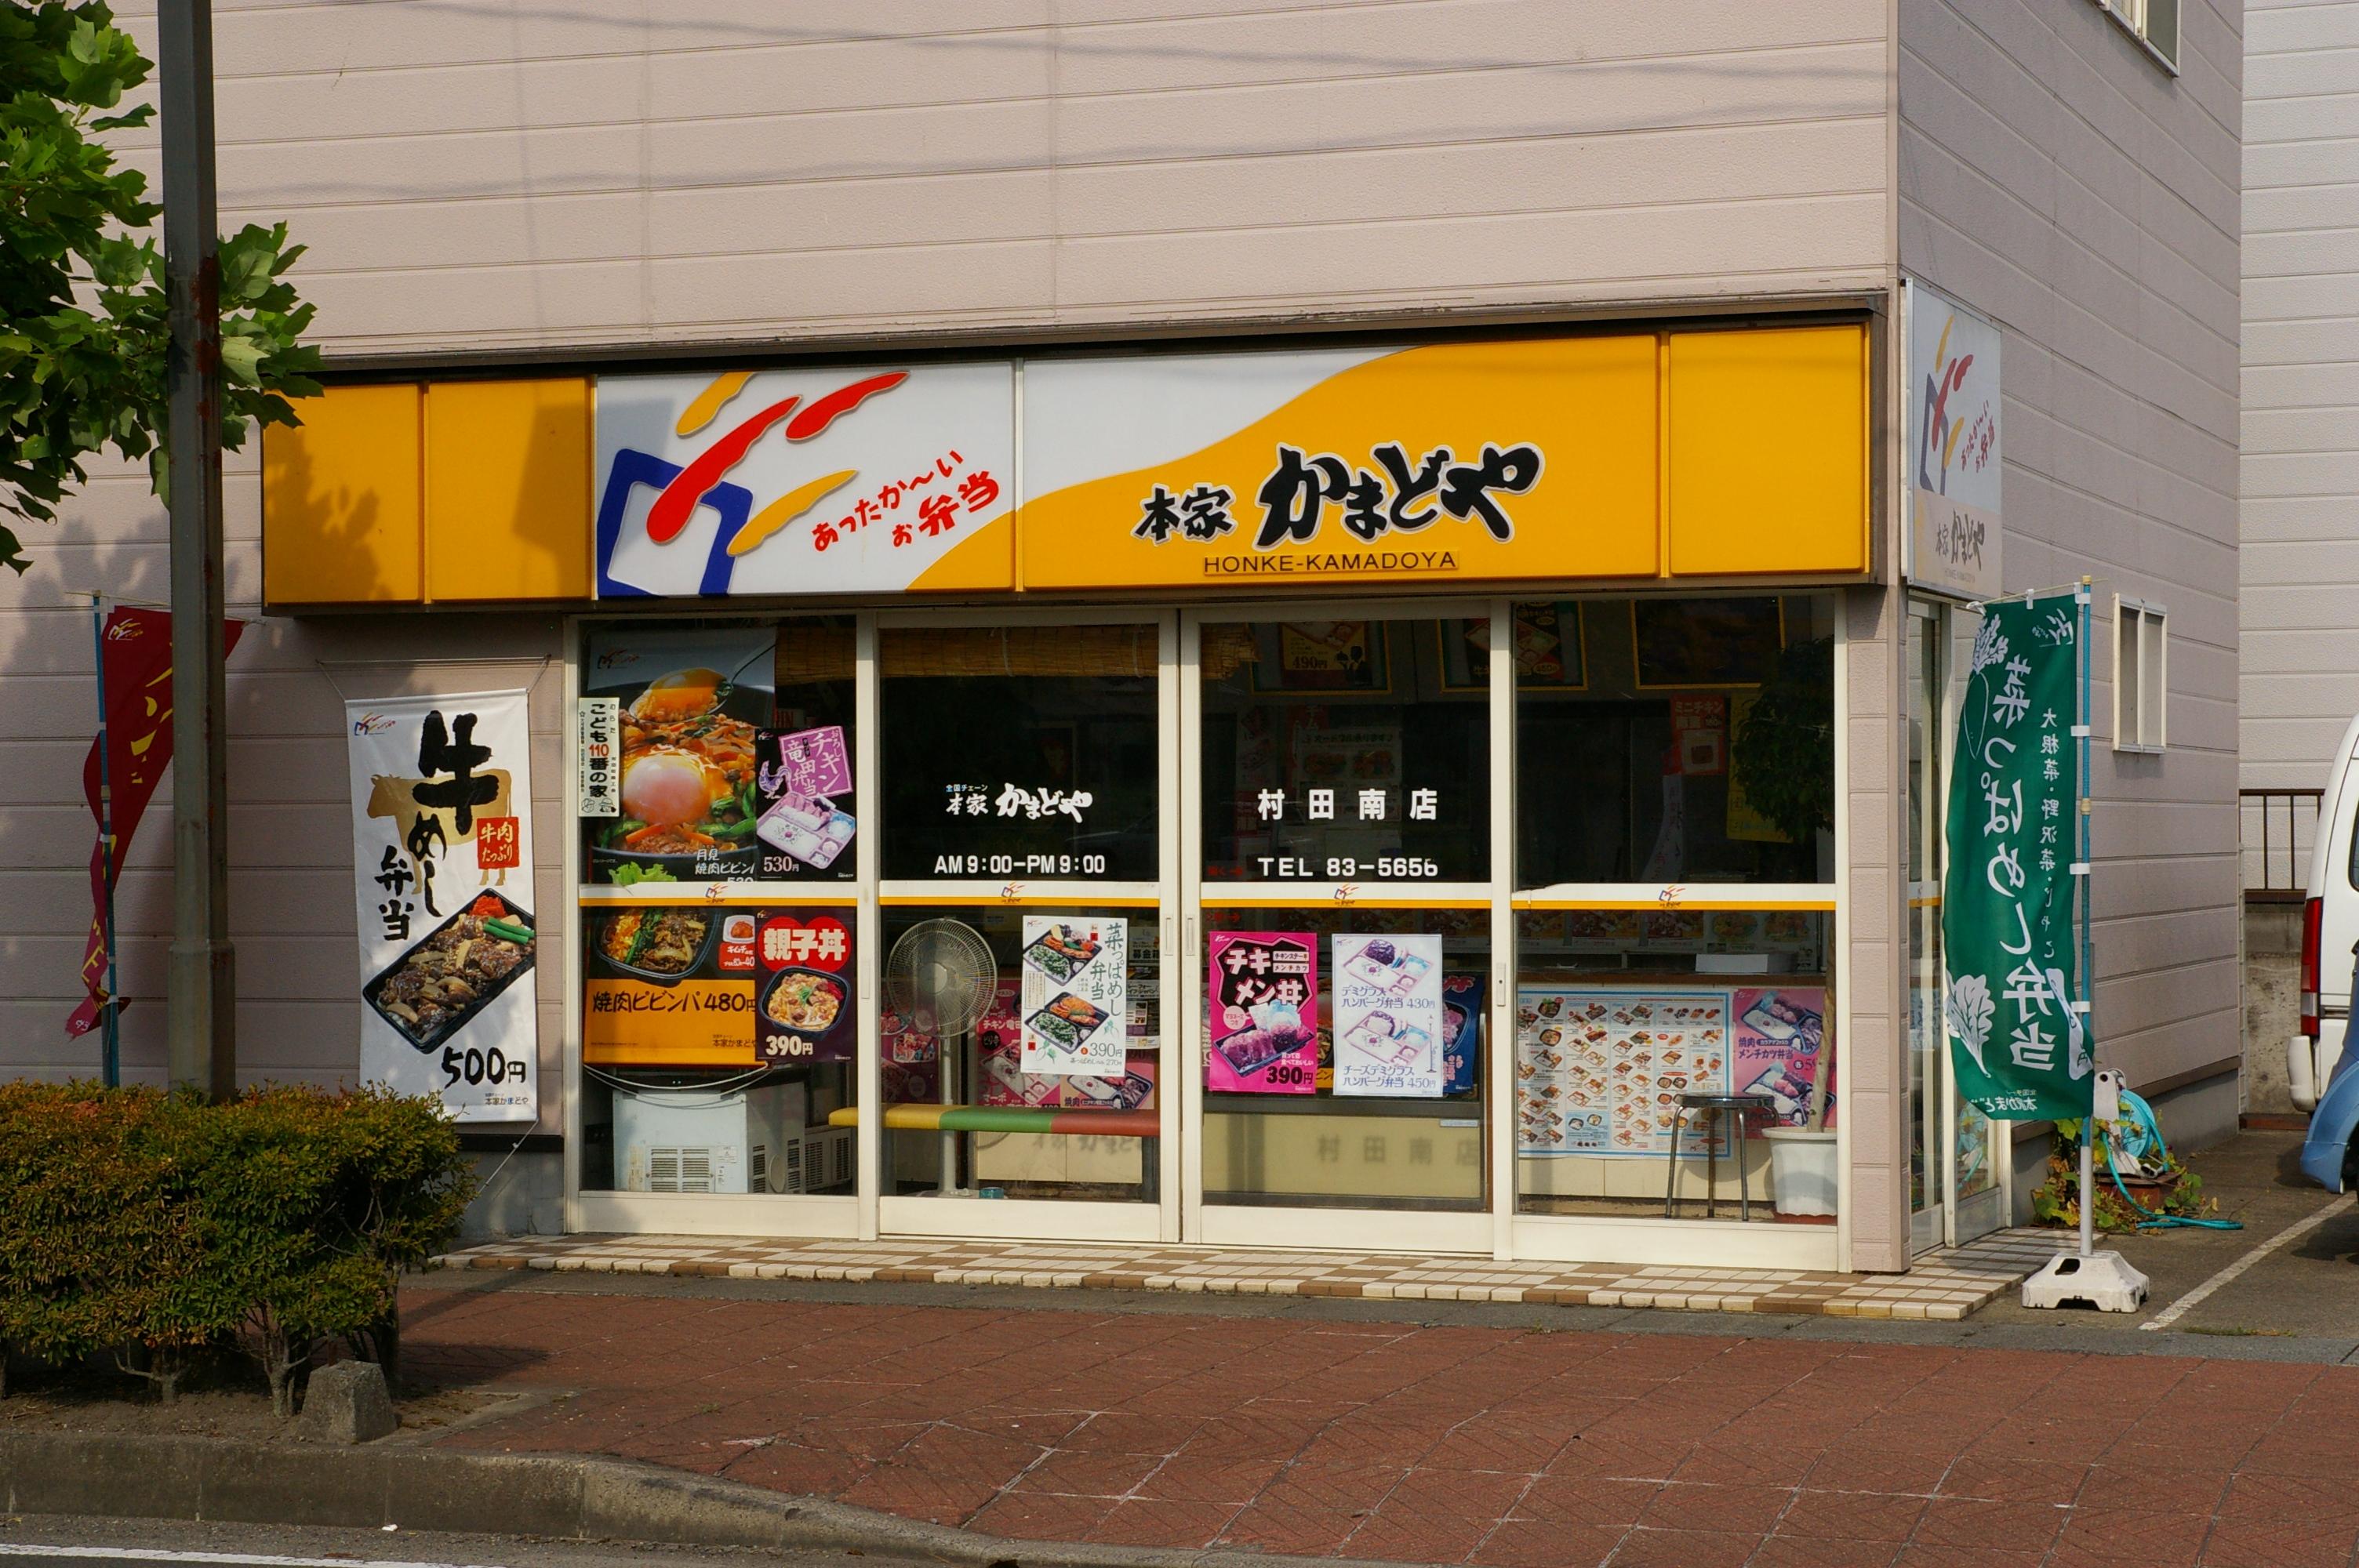 http://town-murata.com/2010/08/31/images/kamadoya1.jpg